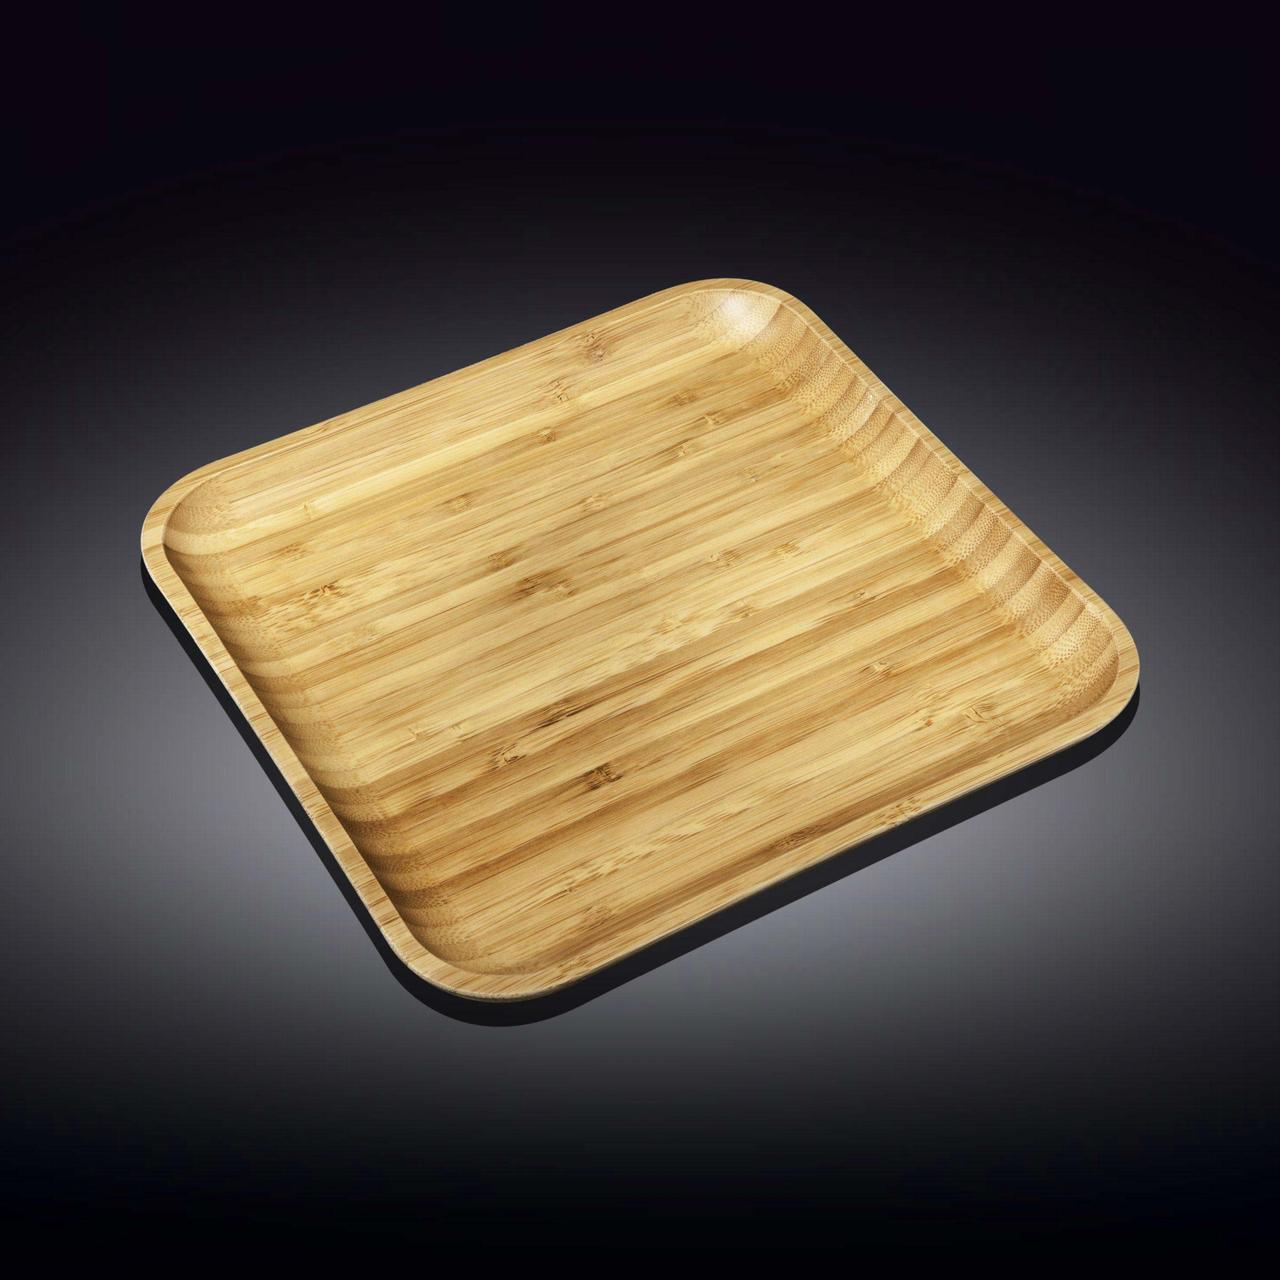 Сервировочное блюдо 33 x 33 см Wilmax бамбуковое квадратное